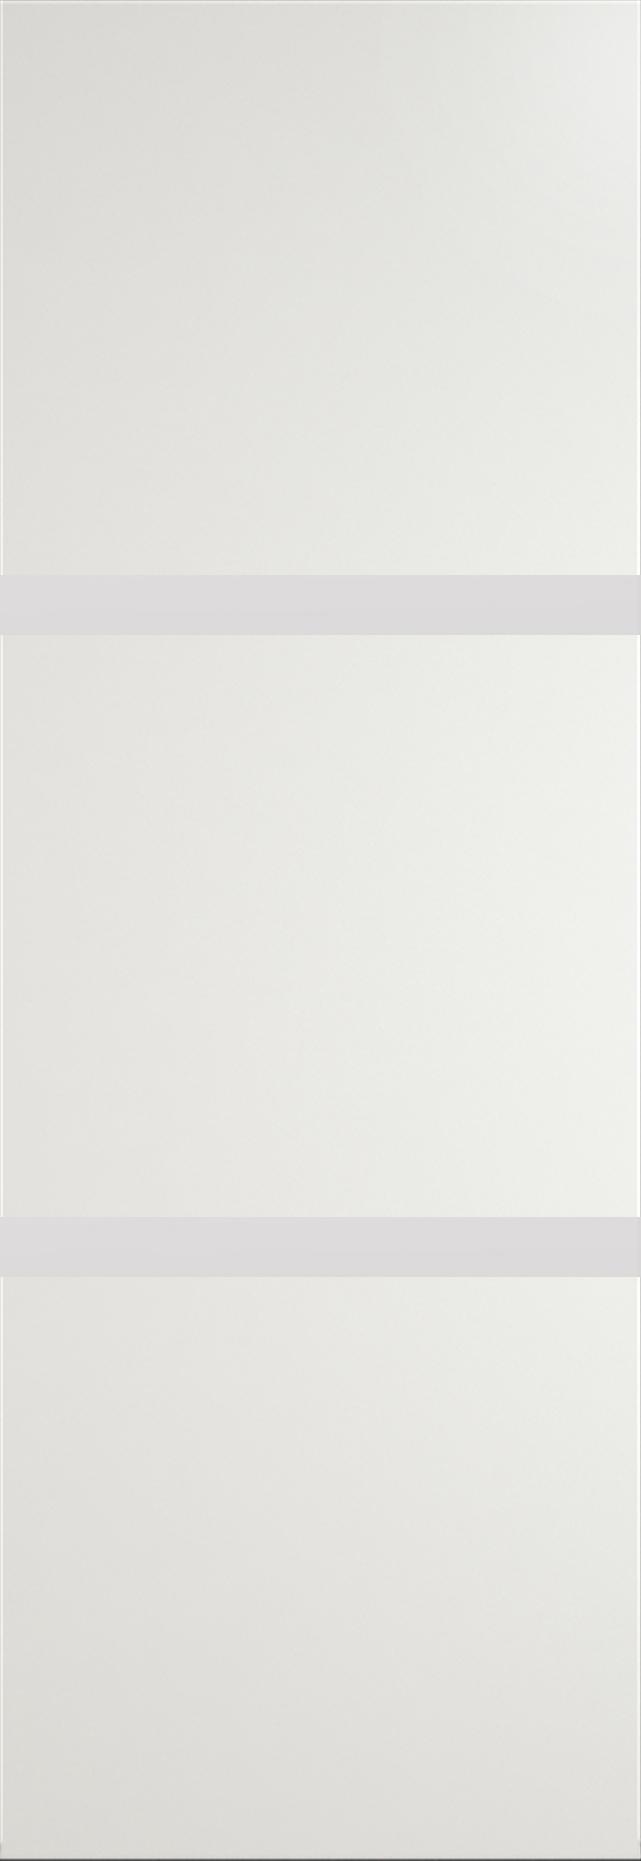 Tivoli В-4 Invisible цвет - Бежевая эмаль Без стекла (ДГ)